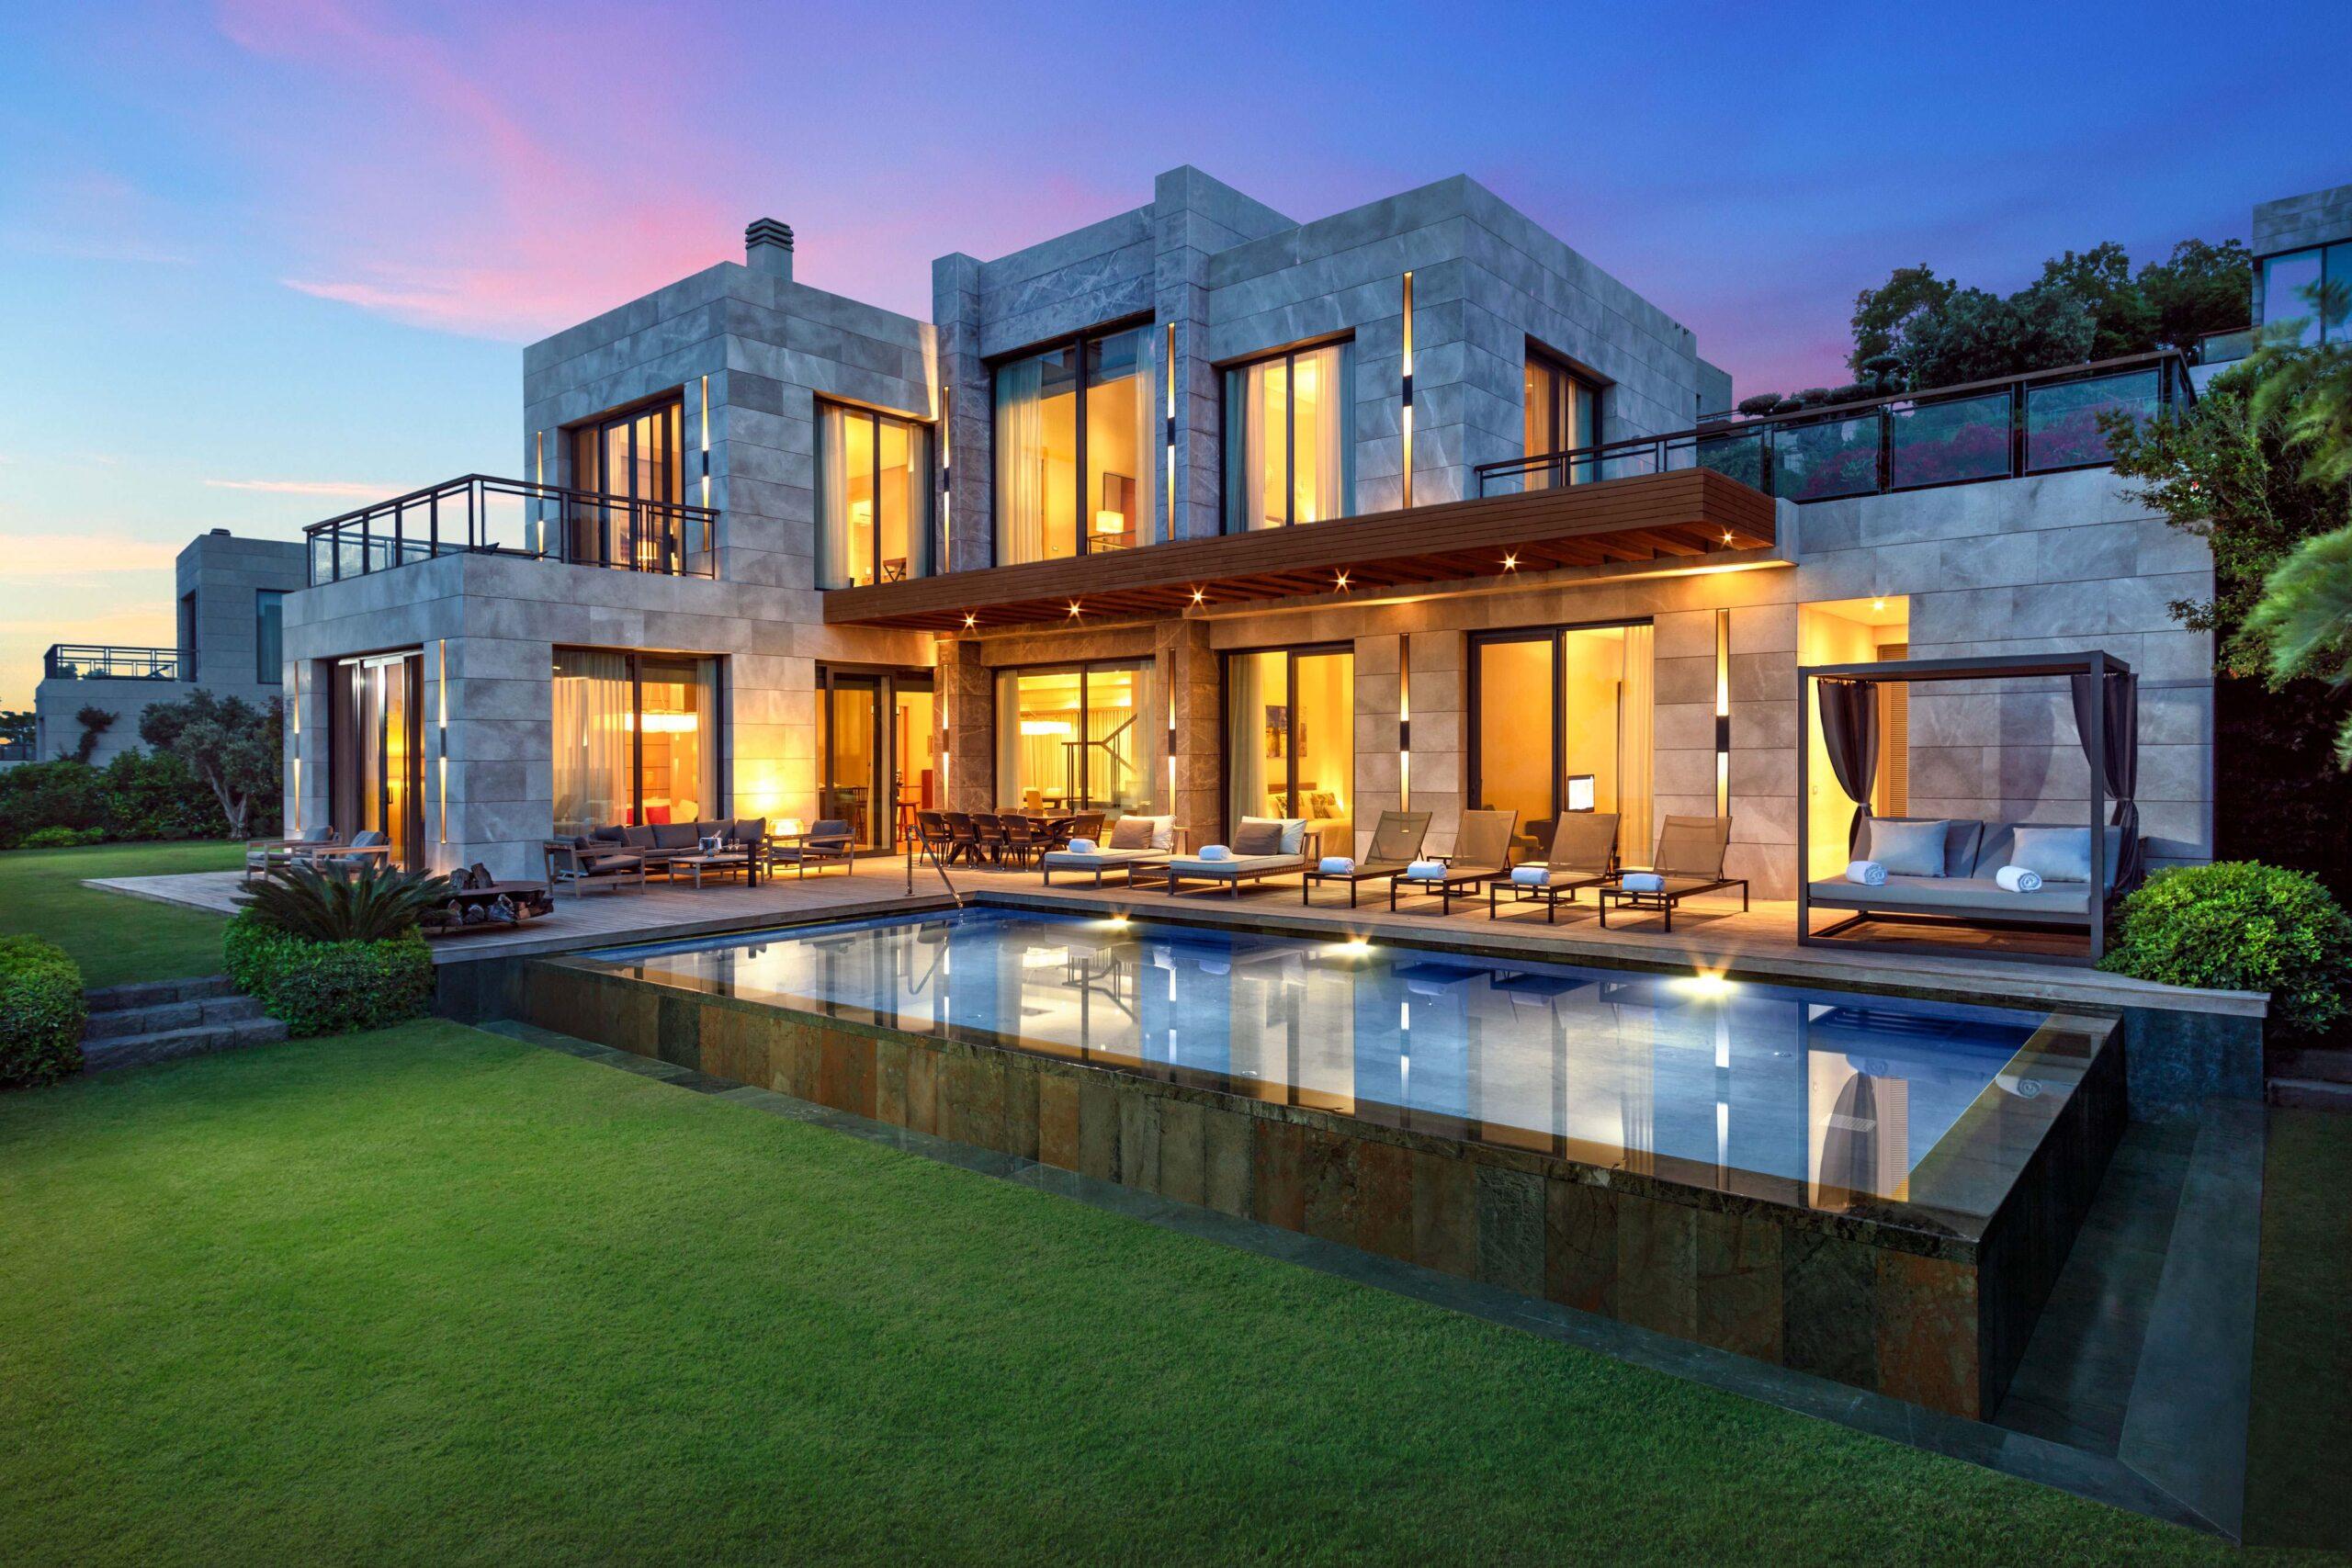 Bodrum Göltürkbükü 5 Bedroom Chic & Luxury Mansion